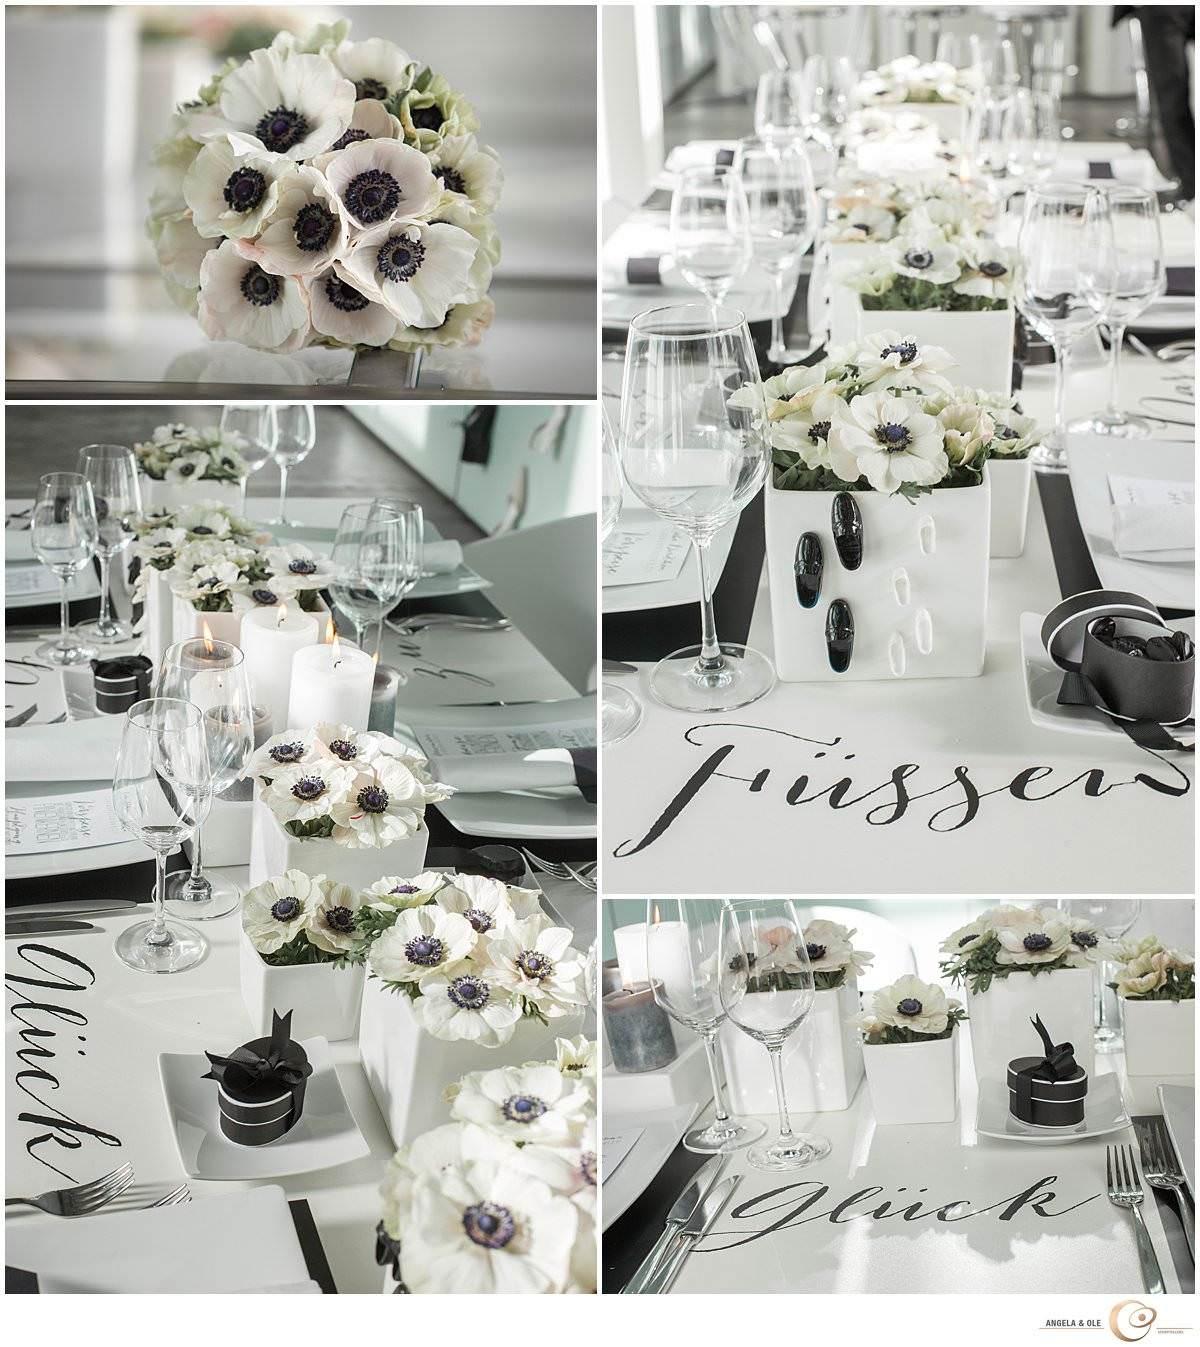 Tischdekoration schwarzweiss